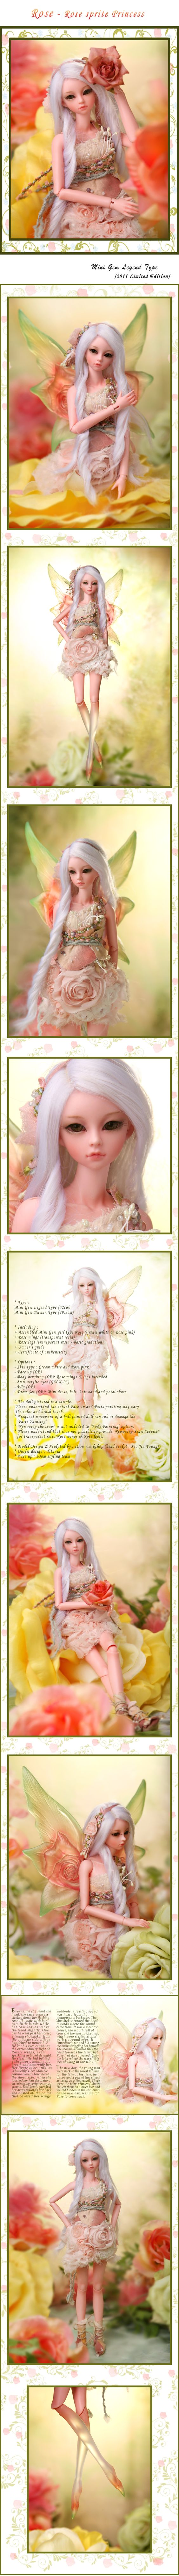 http://dollsoom.com/eng/shop/item.php?it_id=1307950106